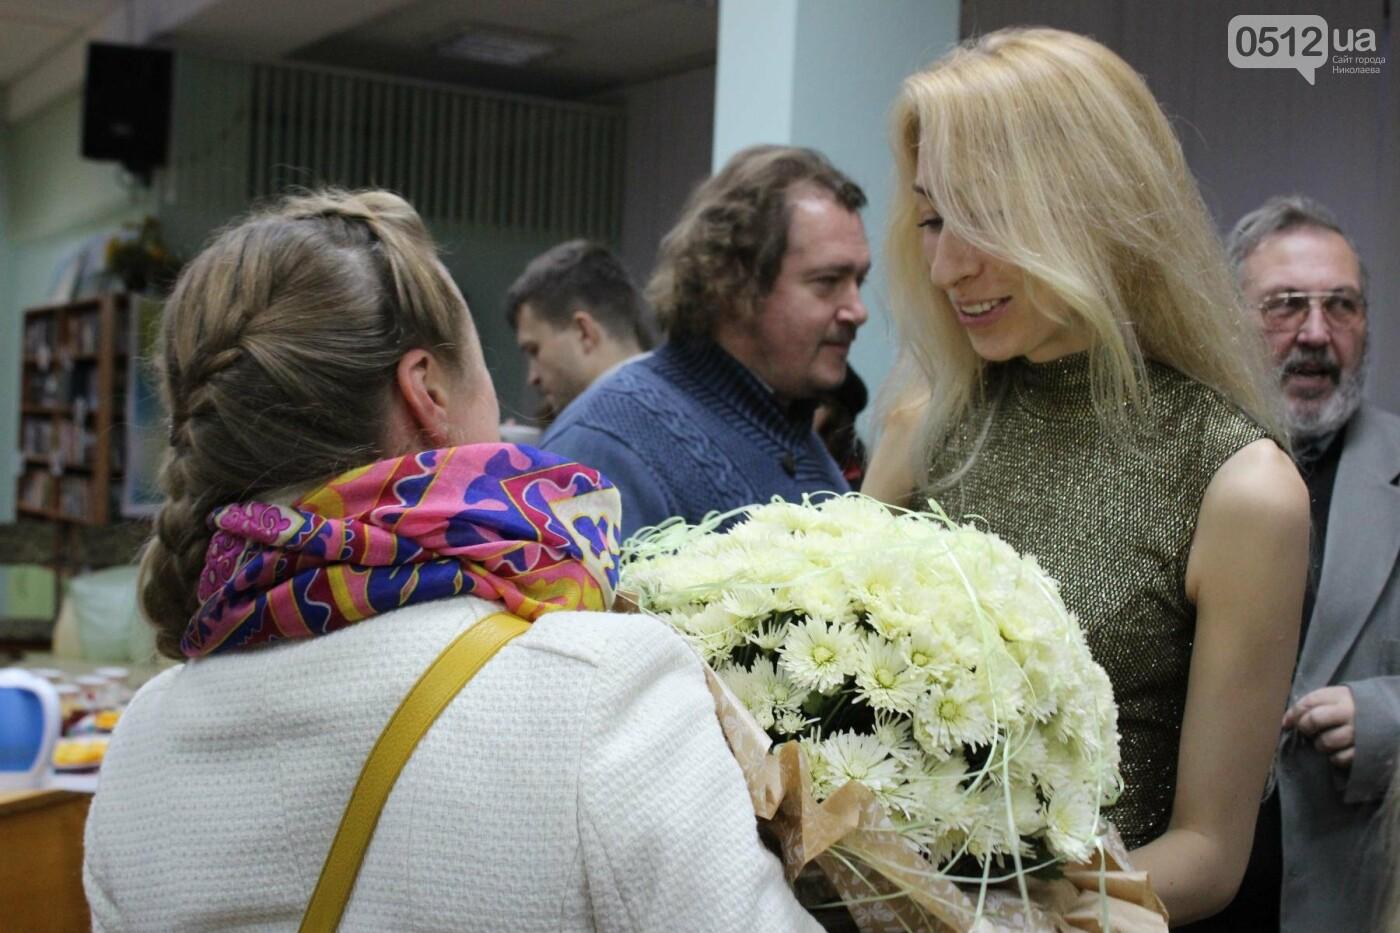 Николаевский фотограф Слава Поседай представила новую выставку «12+1» (ФОТО), фото-16